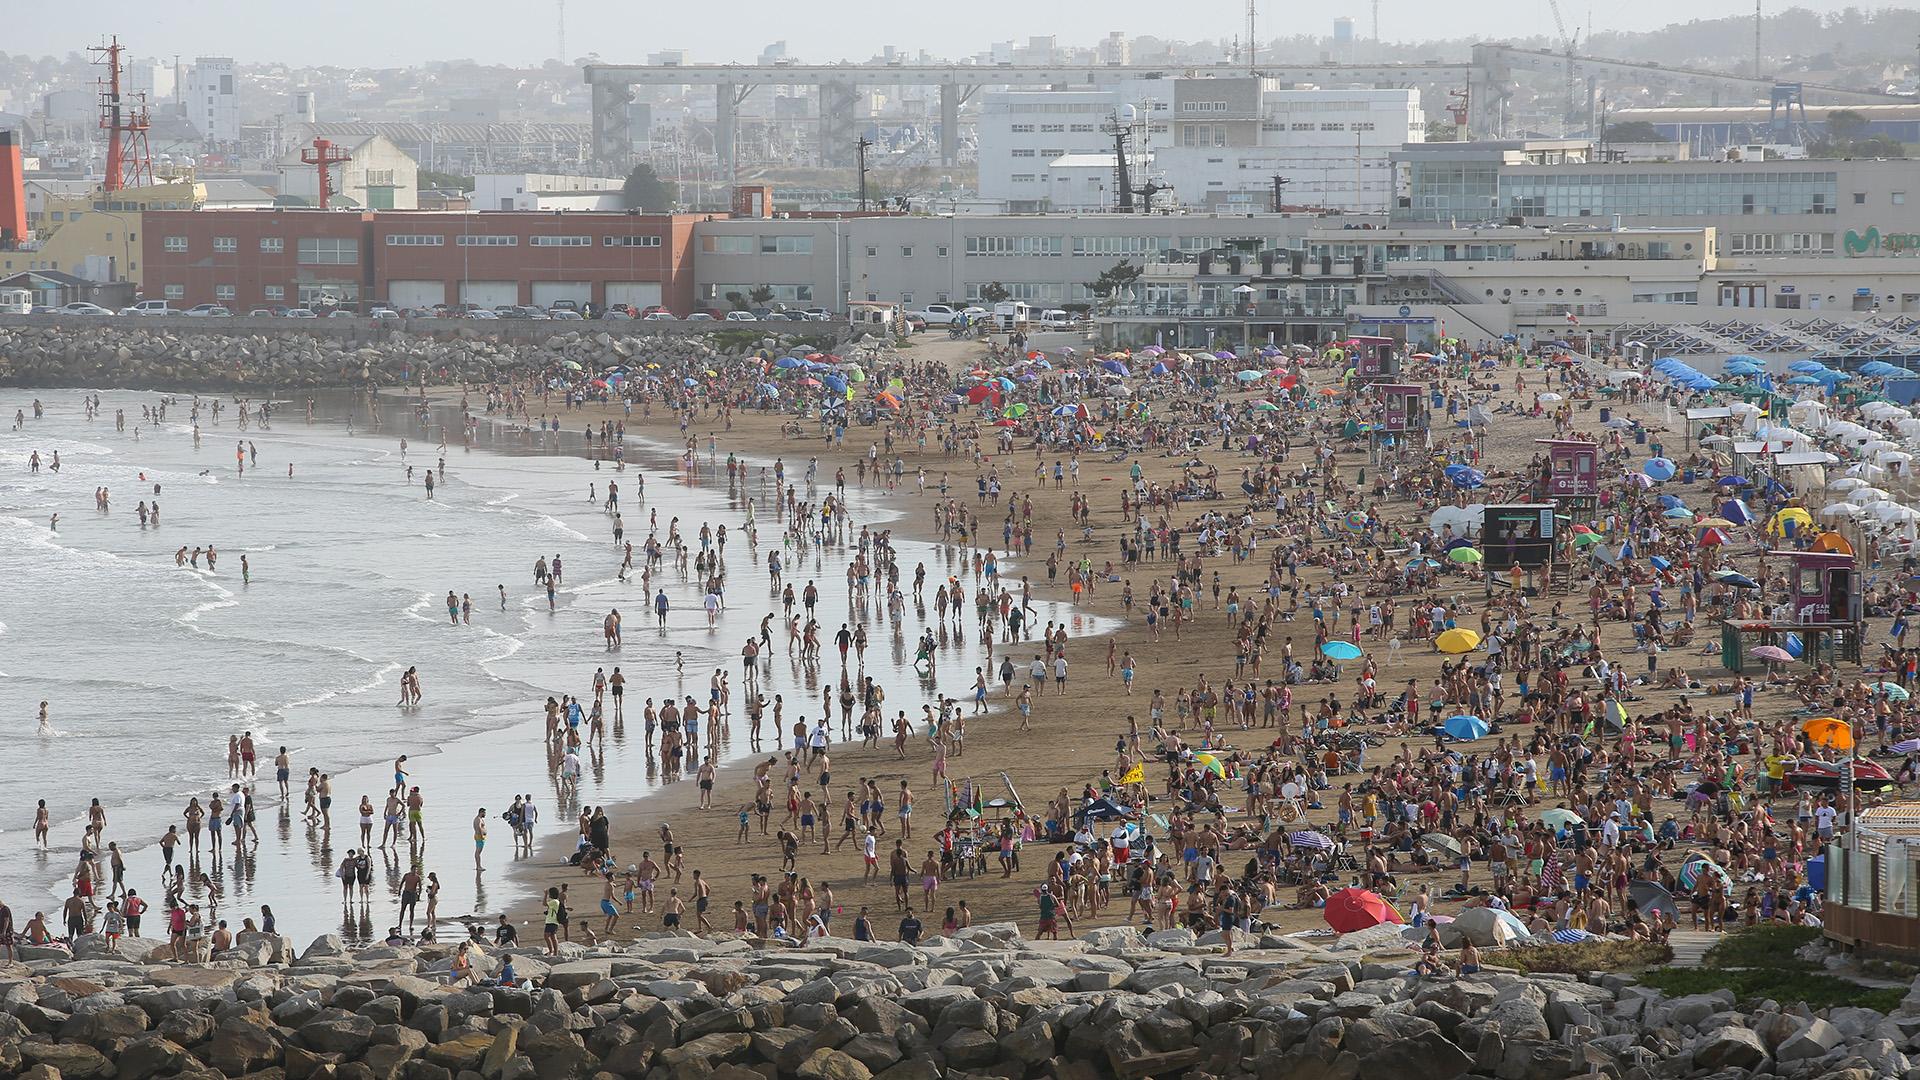 El primer fin de semana de la temporada 2021 en Mar del Plata cumplió con las expectativas previas: más de 150 mil turistas ingresaron a la ciudad. Son cifras que representan la llegada del turismo desde el miércoles 30 de diciembre al sábado 2 de enero.